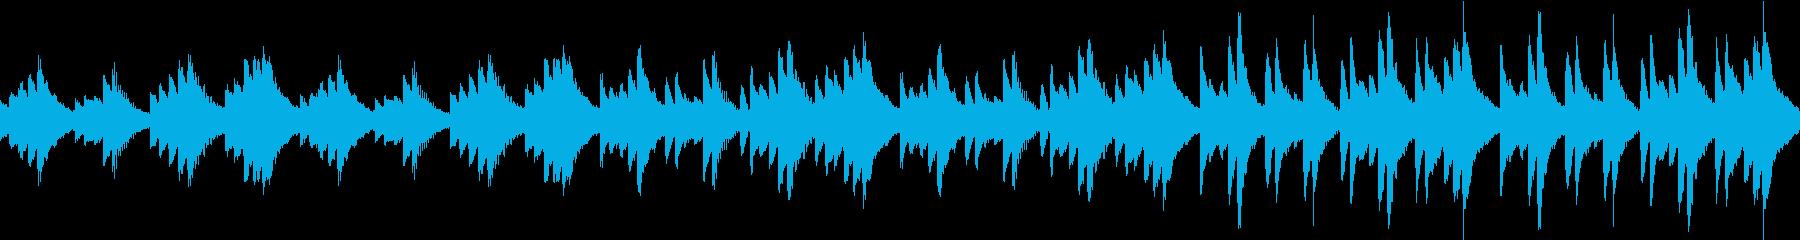 ほのぼの(ループ仕様)の再生済みの波形